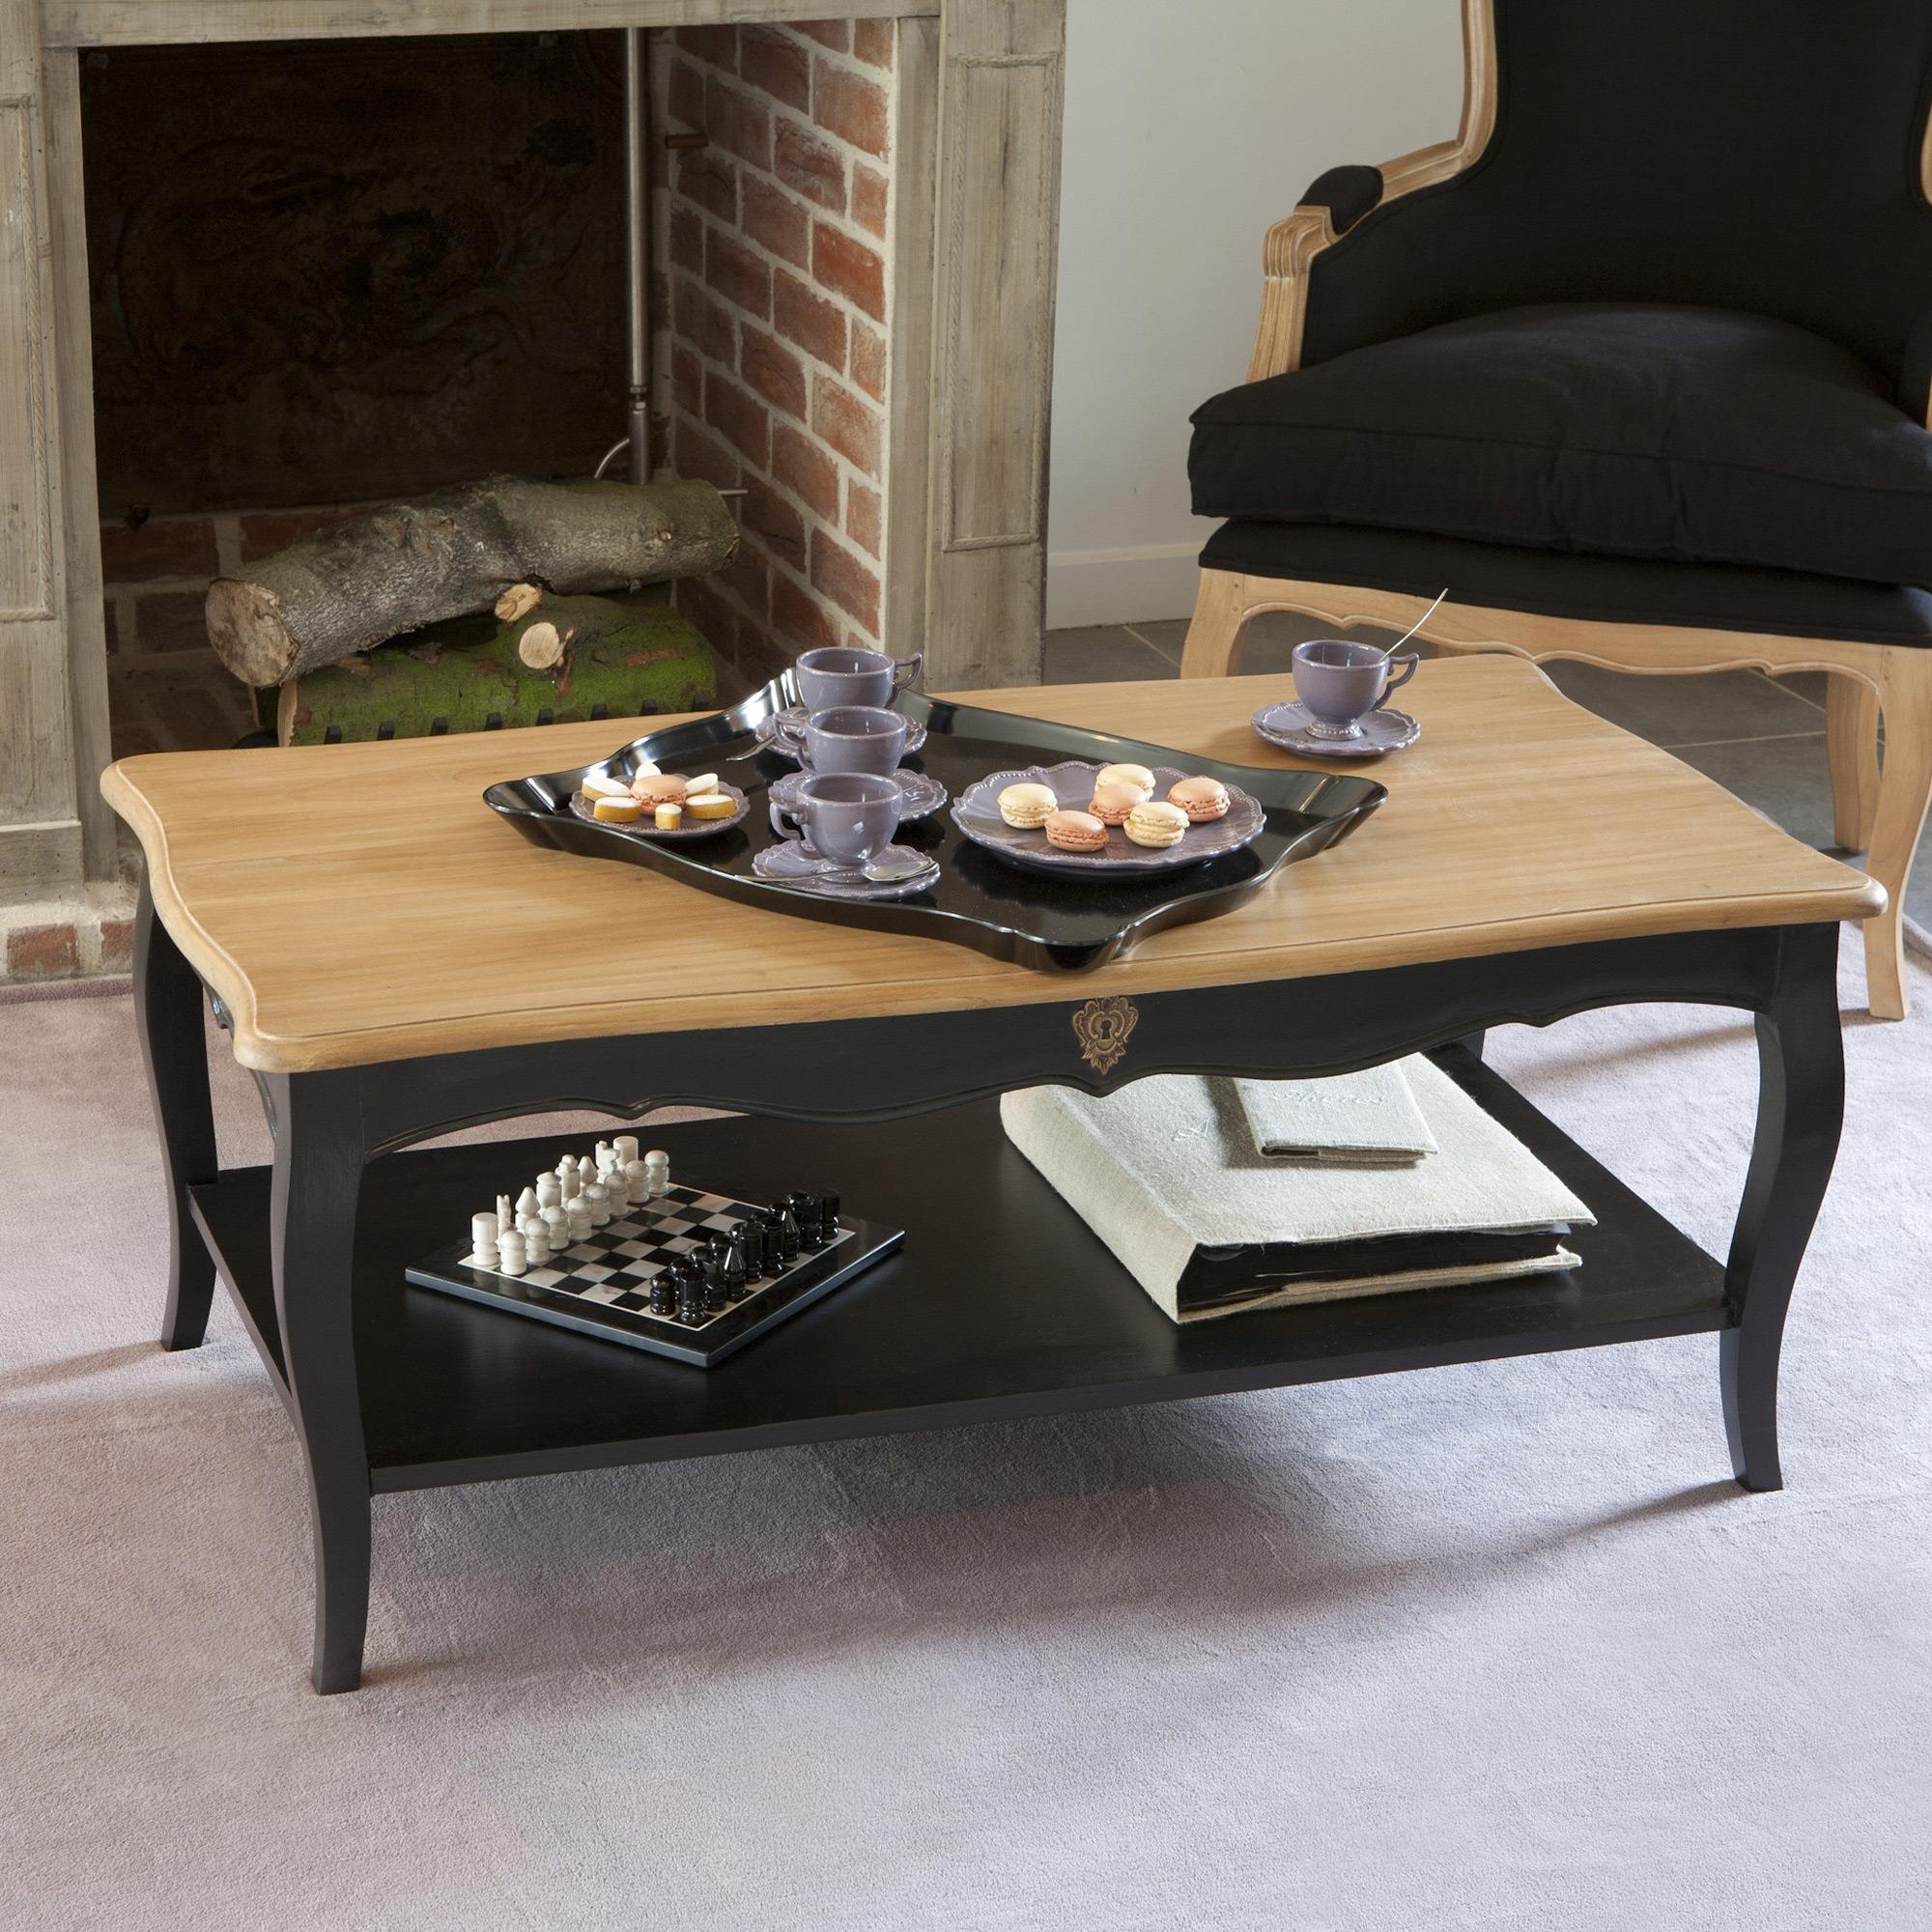 Table Basse Bois Et Noir Table Basse Loft Maison Et Salle De Bain